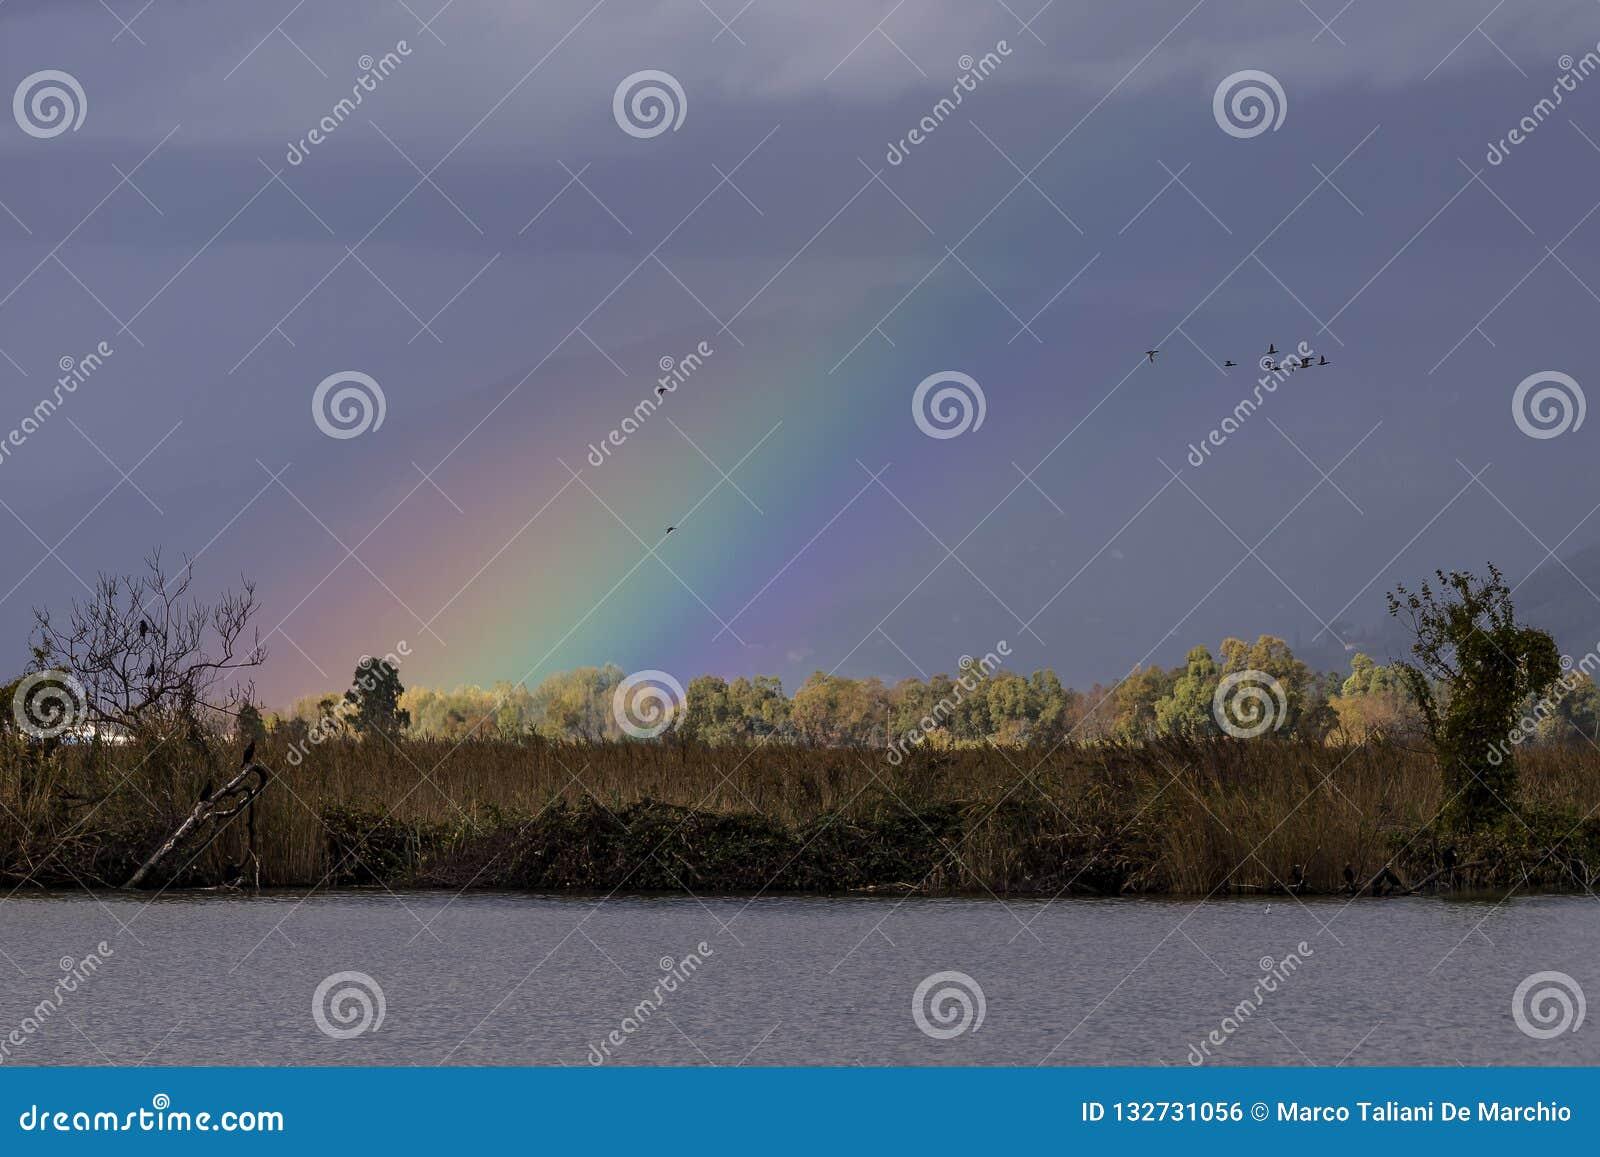 鸟群在一条美丽的彩虹照亮的天空飞行,湖Massaciuccoli,托斯卡纳,意大利